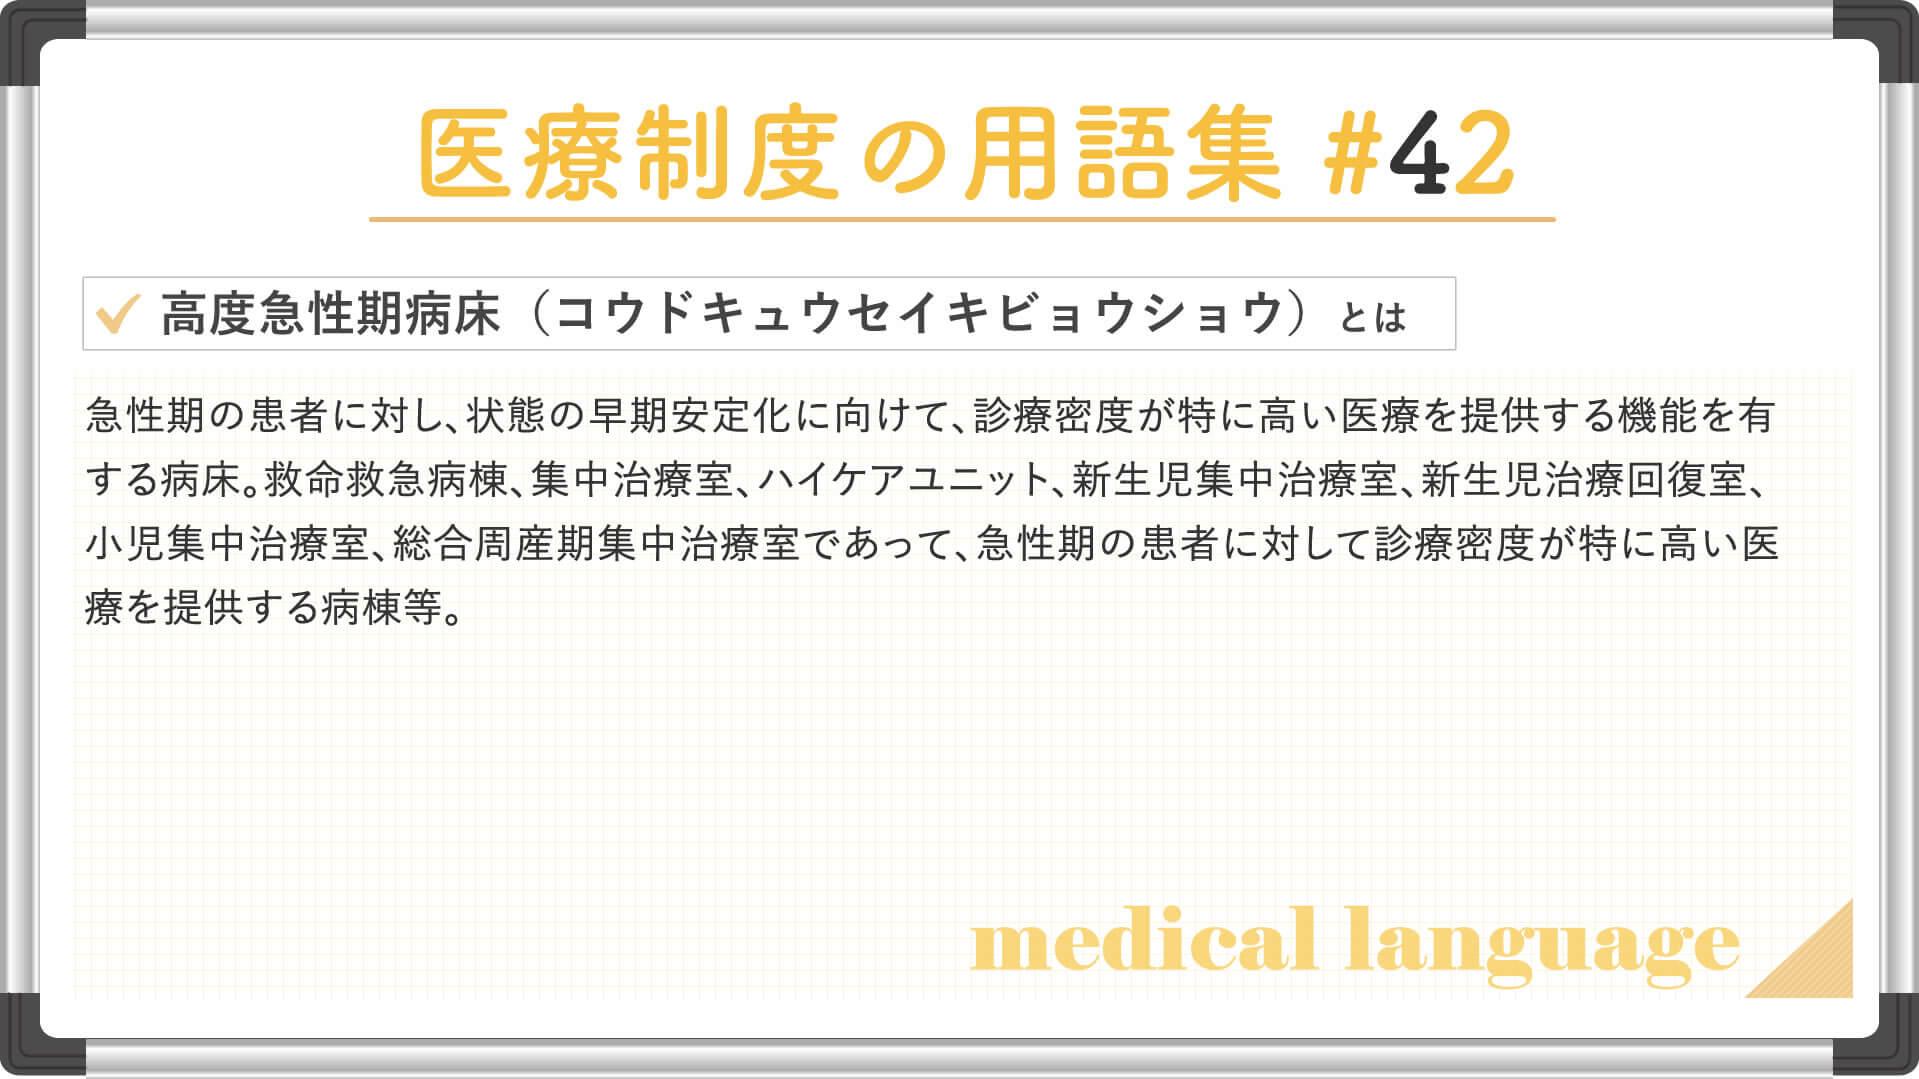 高度急性期病床(コウドキュウセイキビョウショウ)の説明画像